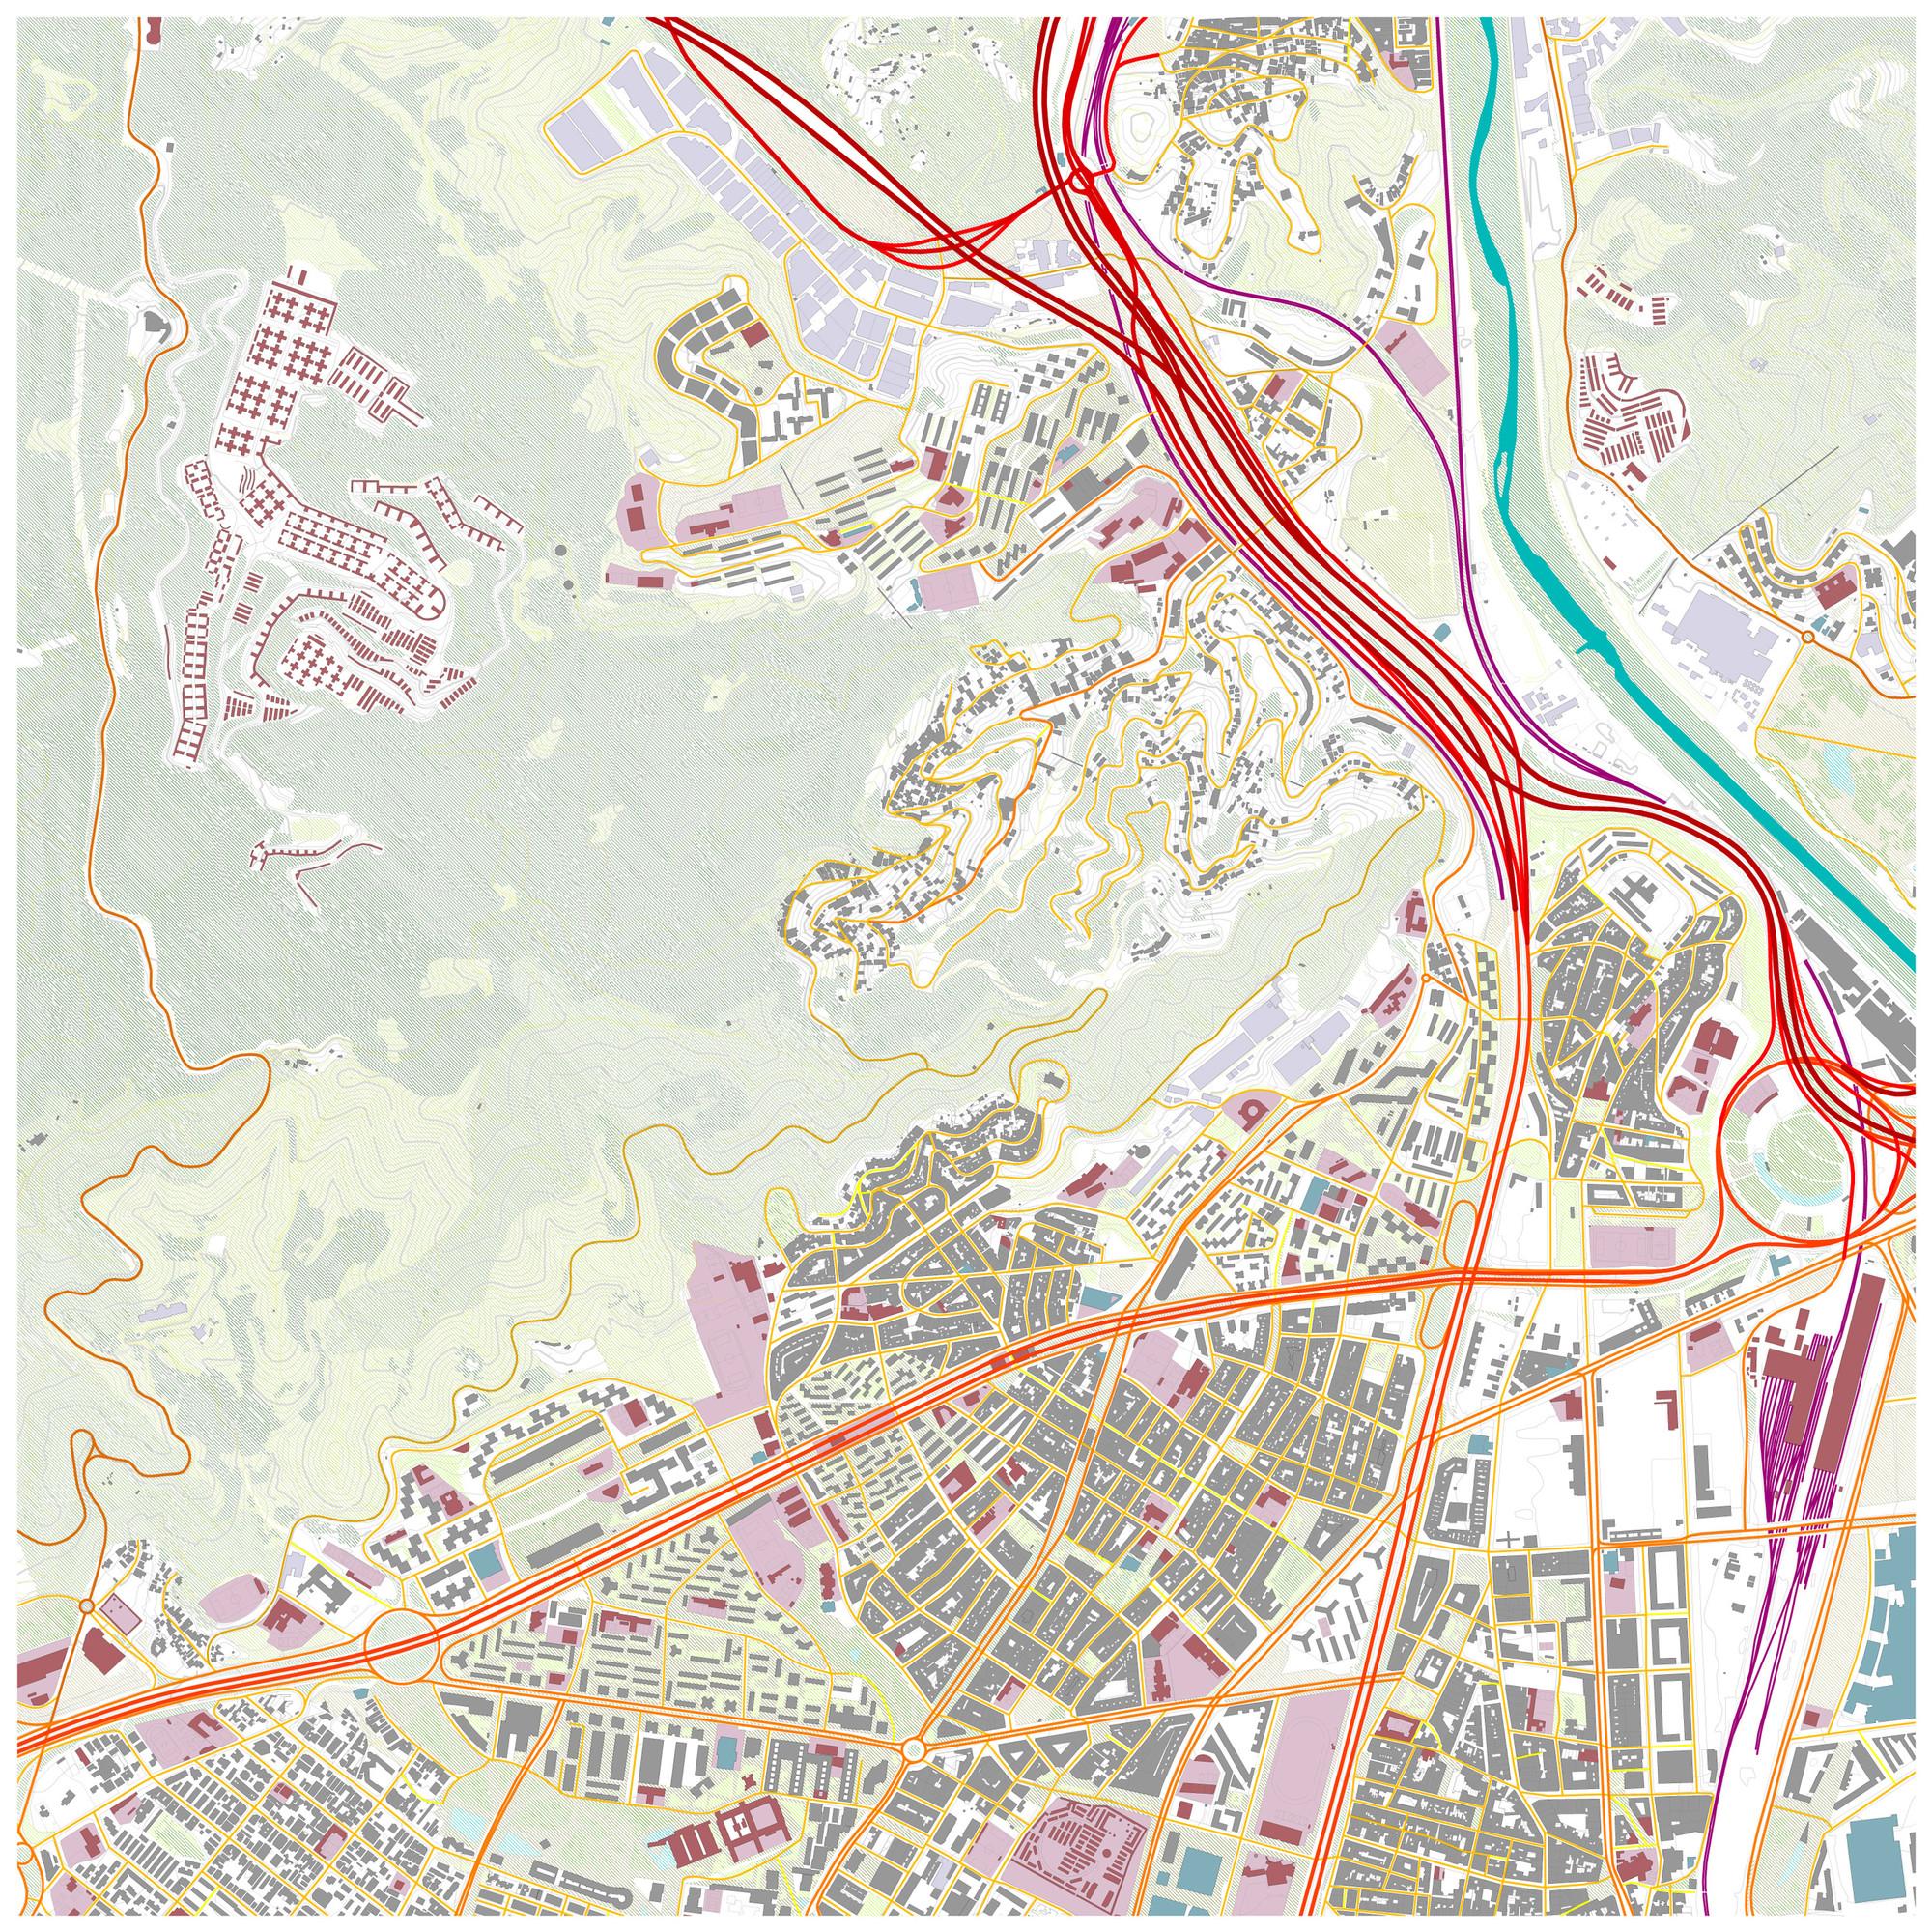 Análisis urbanístico. Image Cortesia de Miquel Pol Barceló